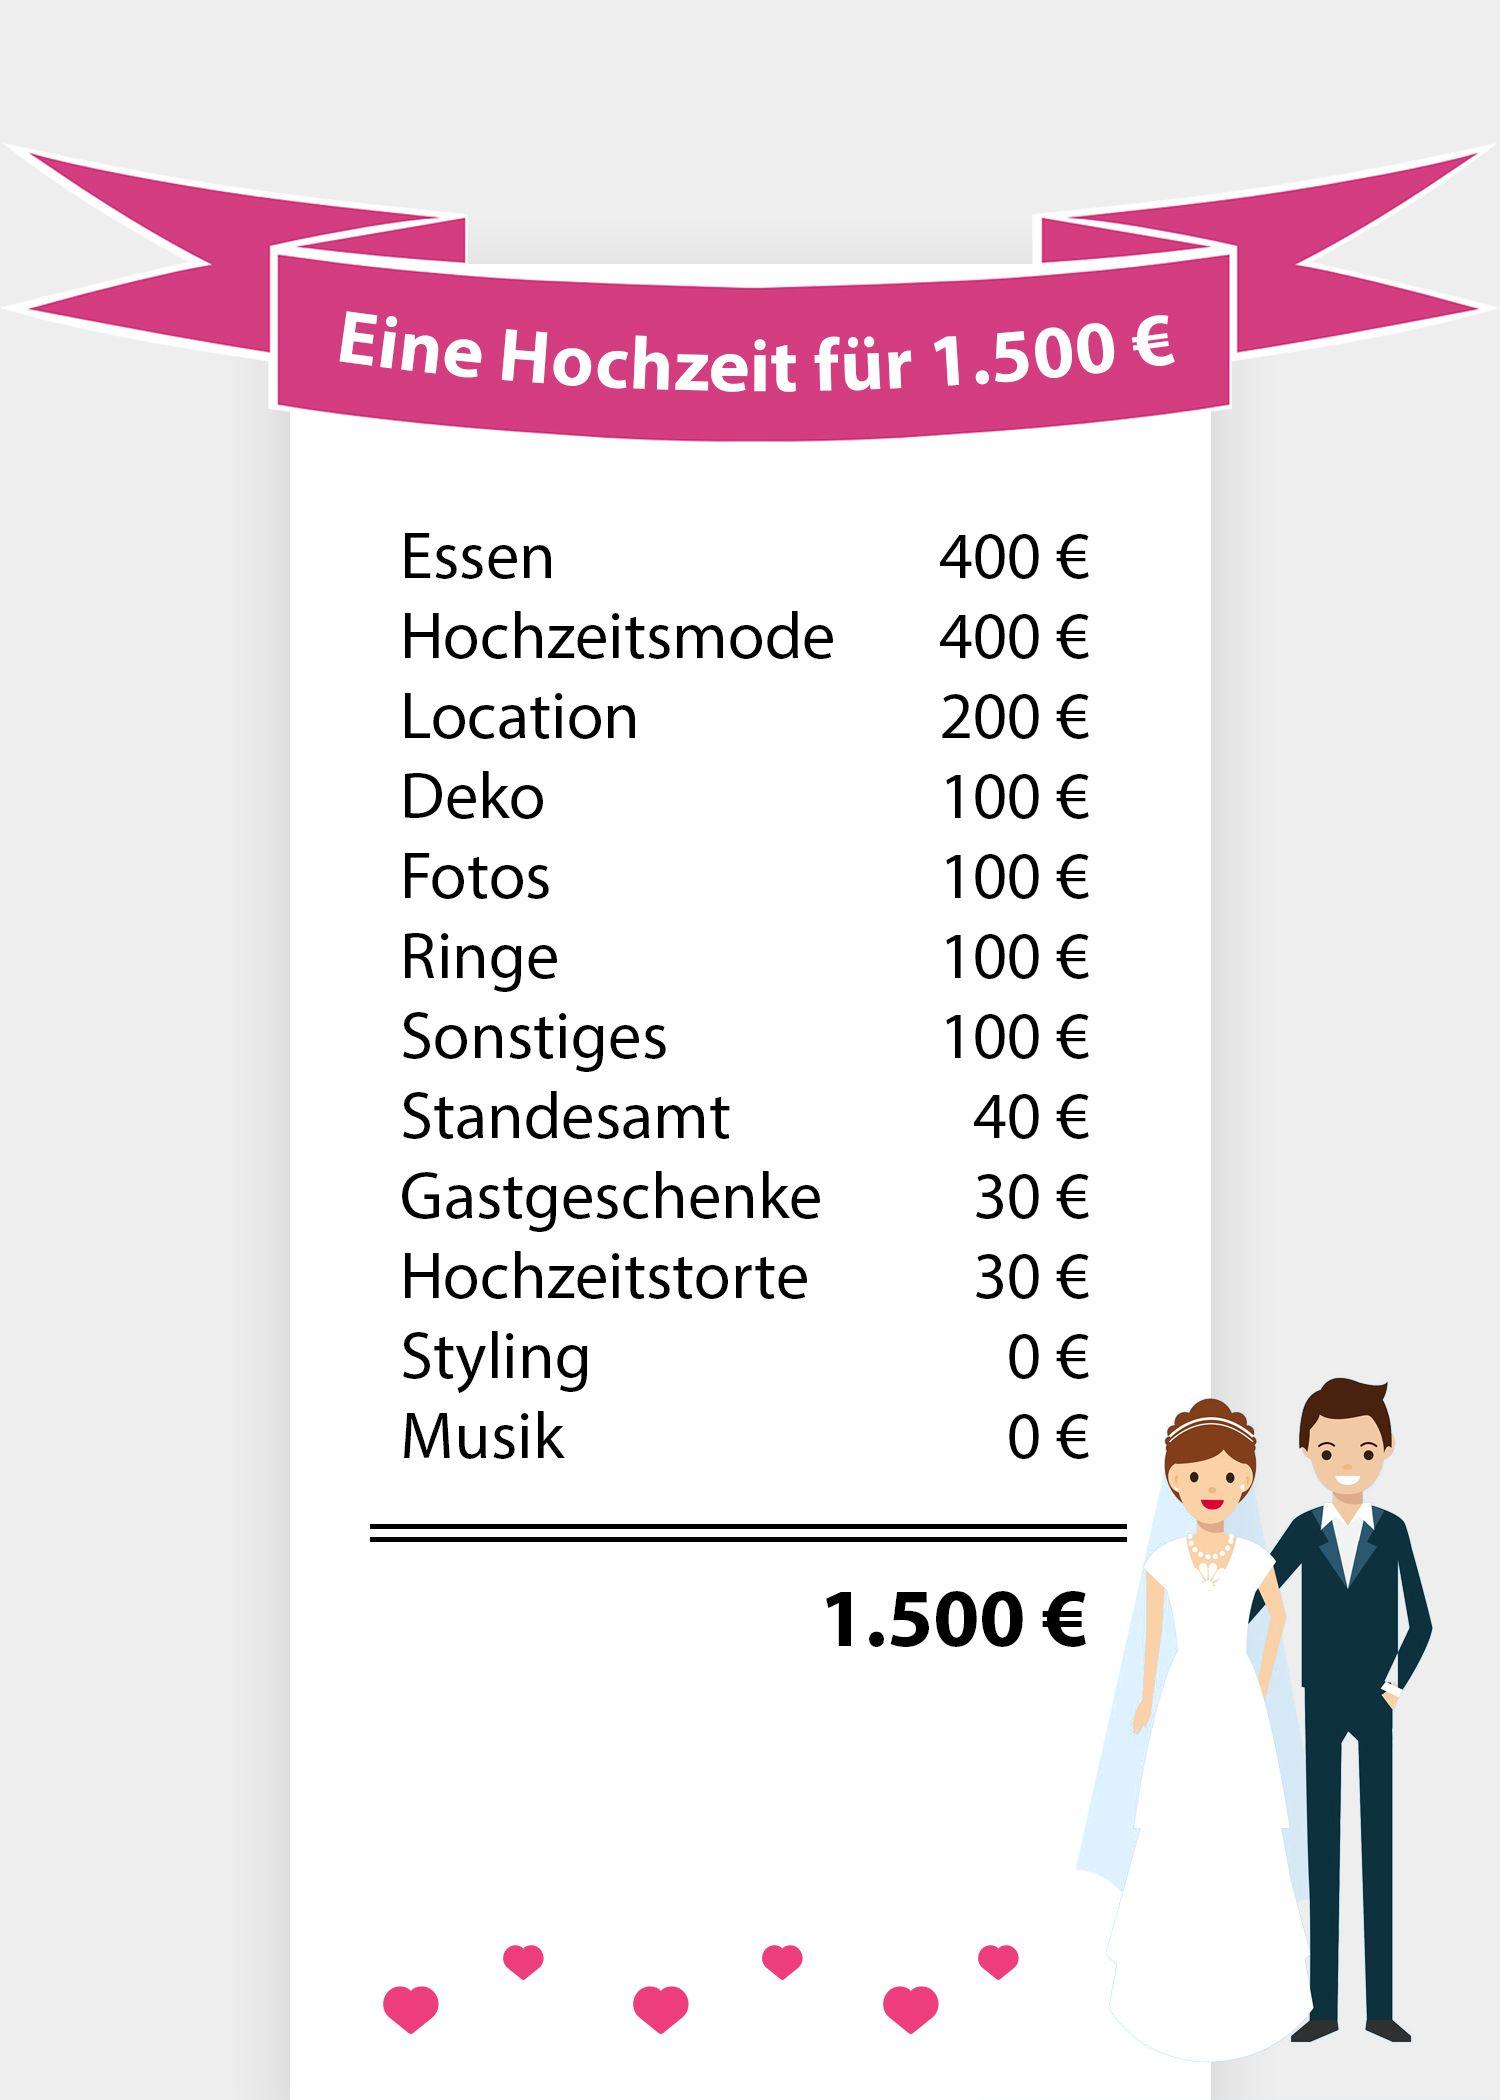 Hier Finden Sie Einen Umfangreichen Hochzeits Kostenplaner Fur Jedes Hochzeitsbudget Hochzeitskosten Hochzeitskosten Hochzeit Hochzeitsbudget